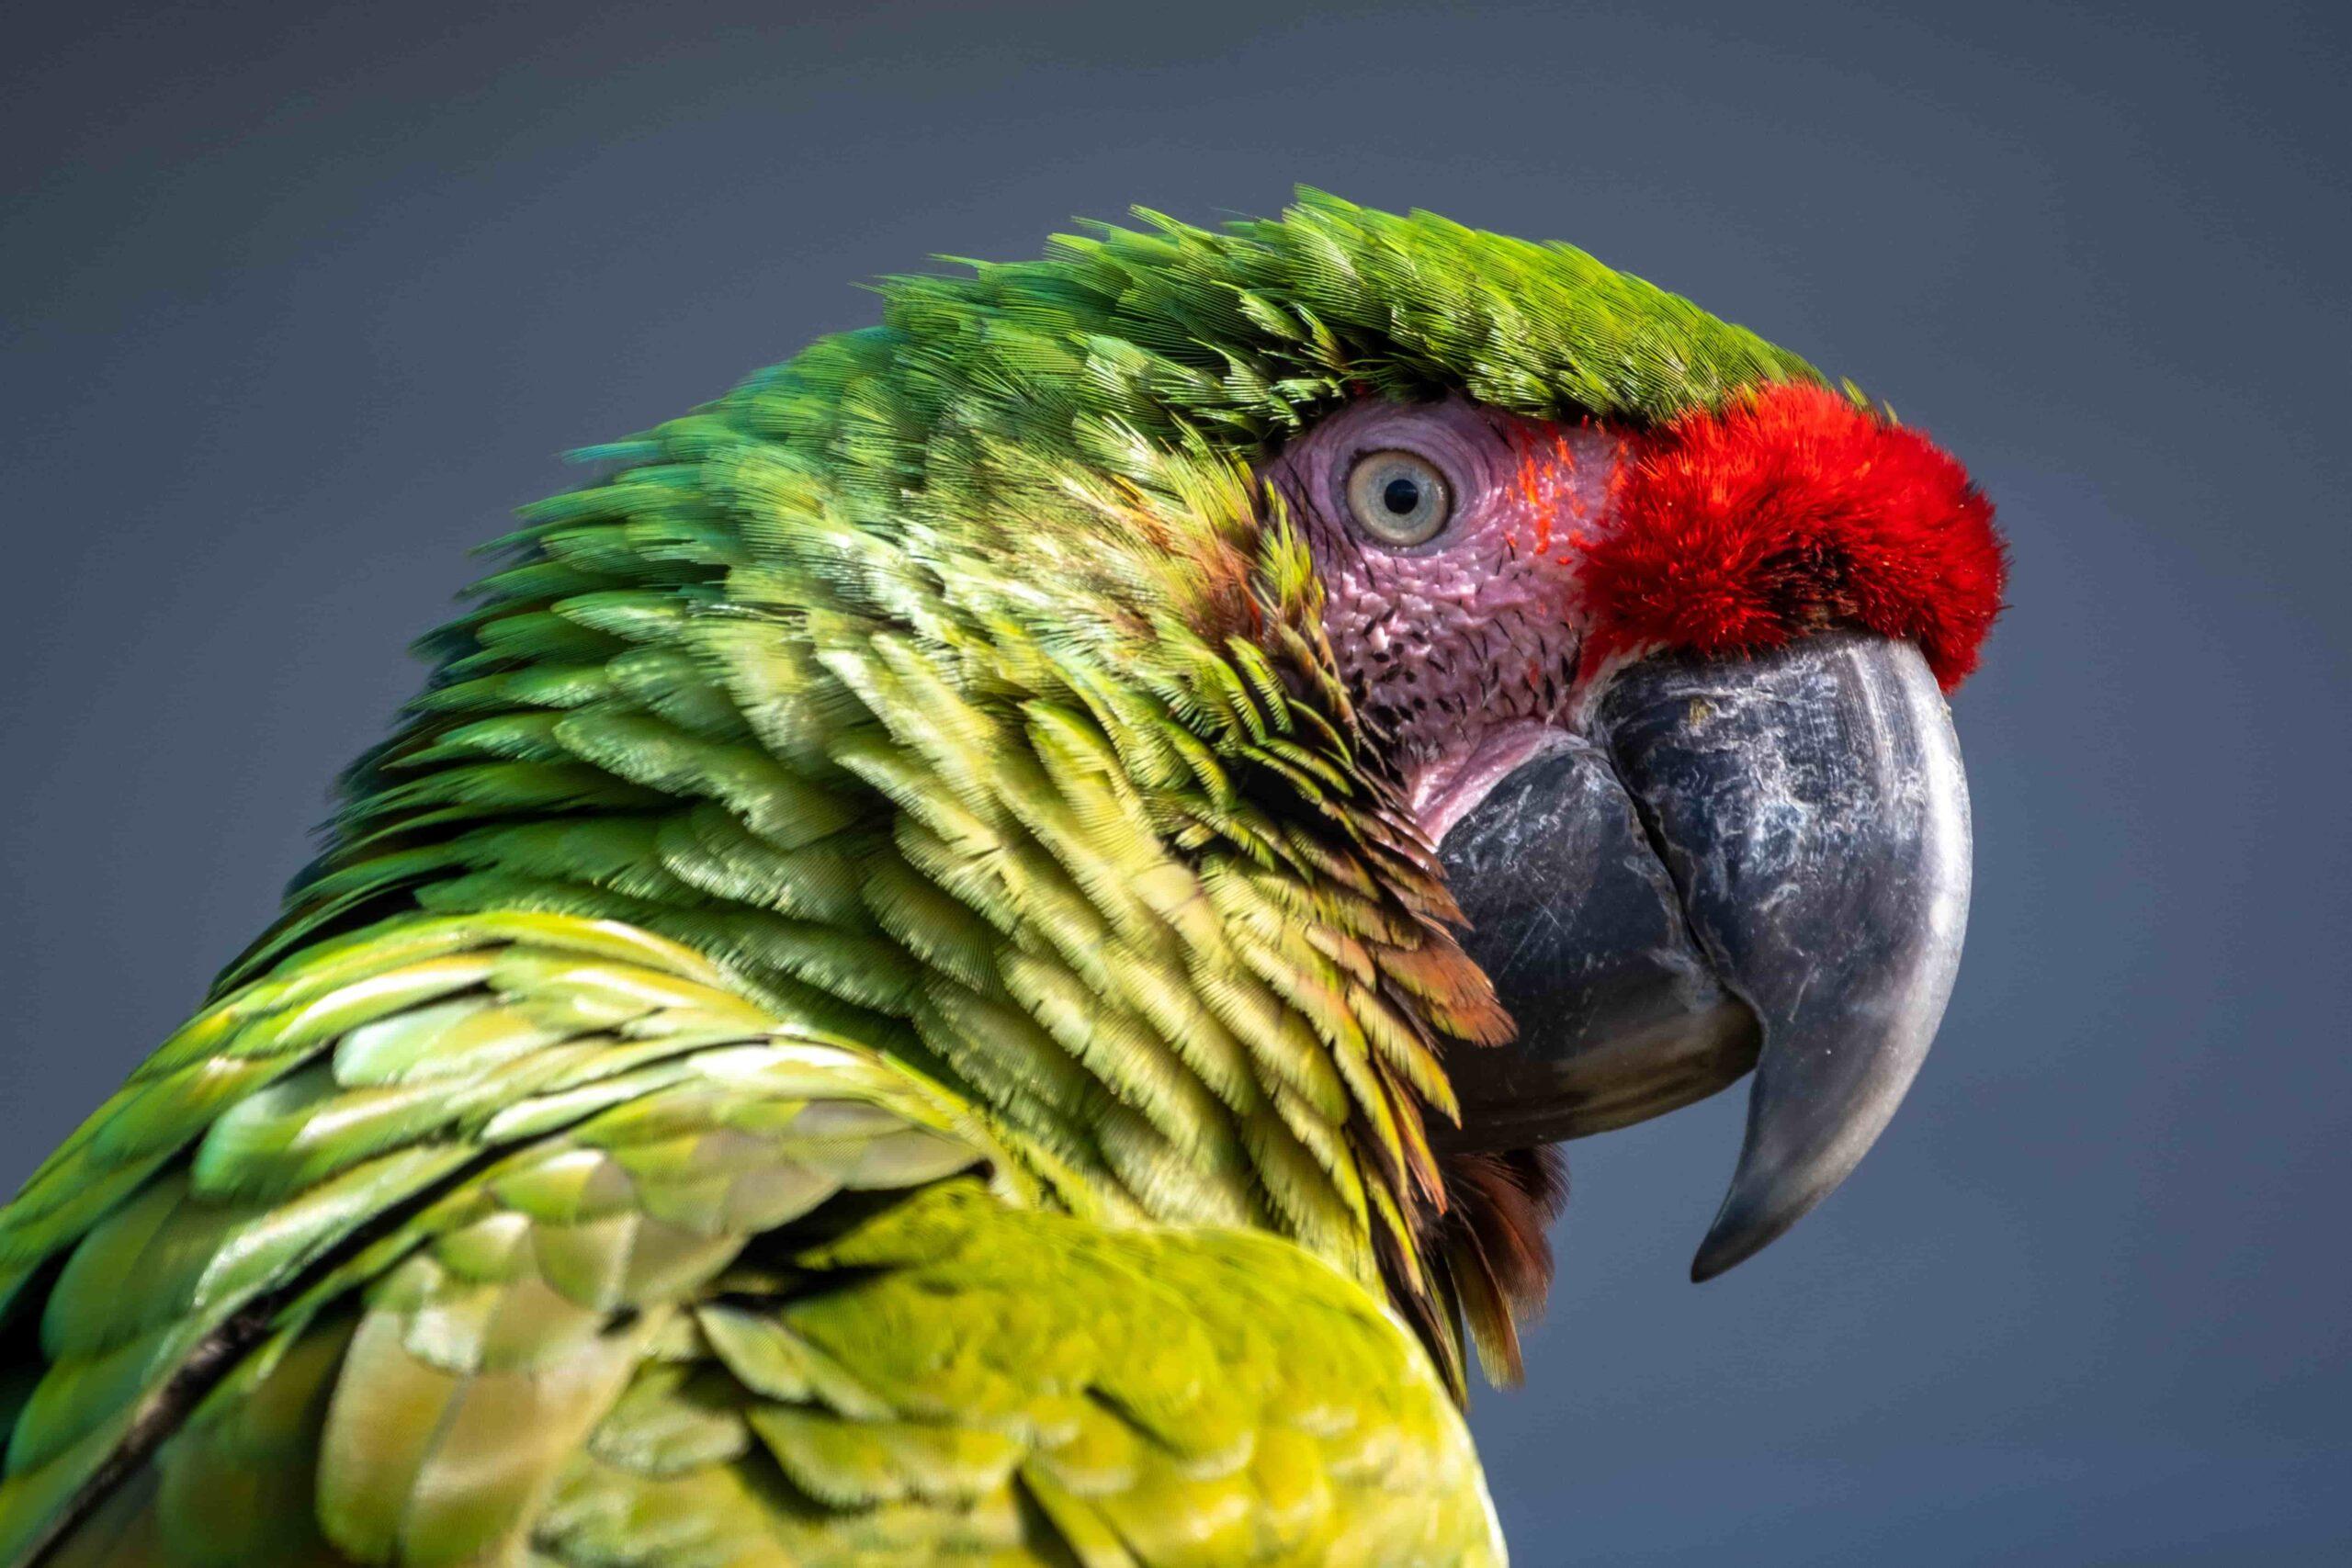 En İyi Konuşan Papağan Türleri Hangileri?